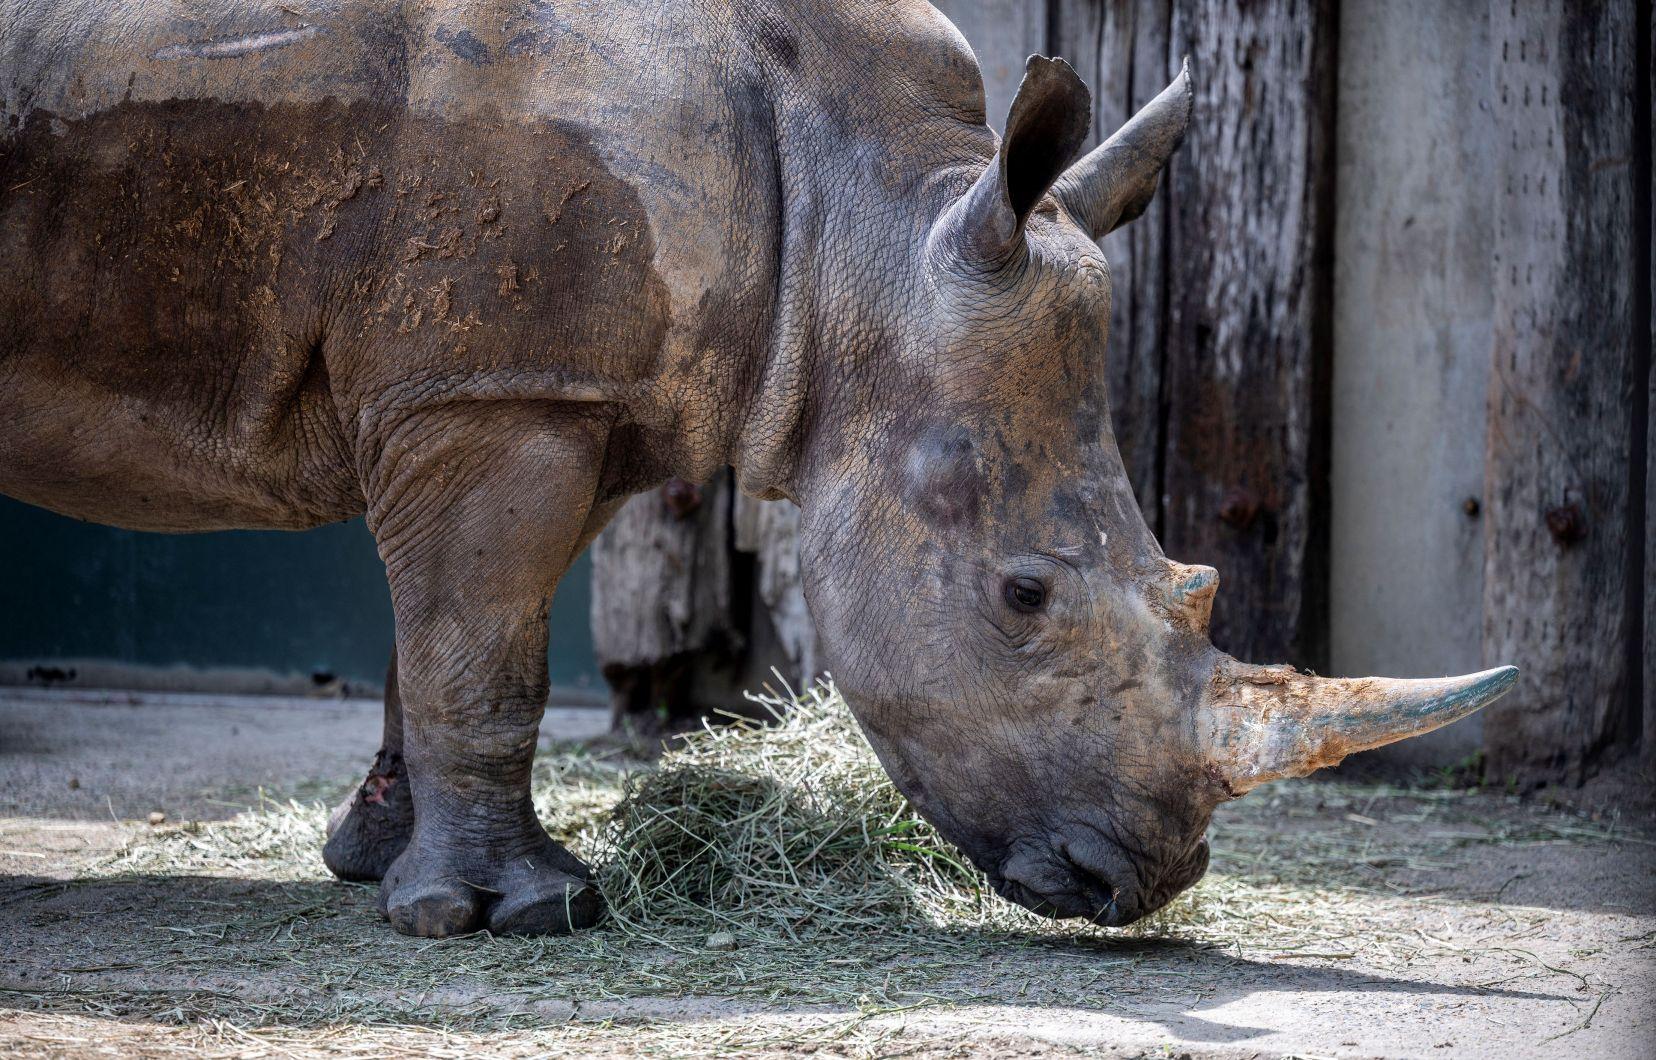 Doce embriones creados para salvar al rinoceronte blanco del norte